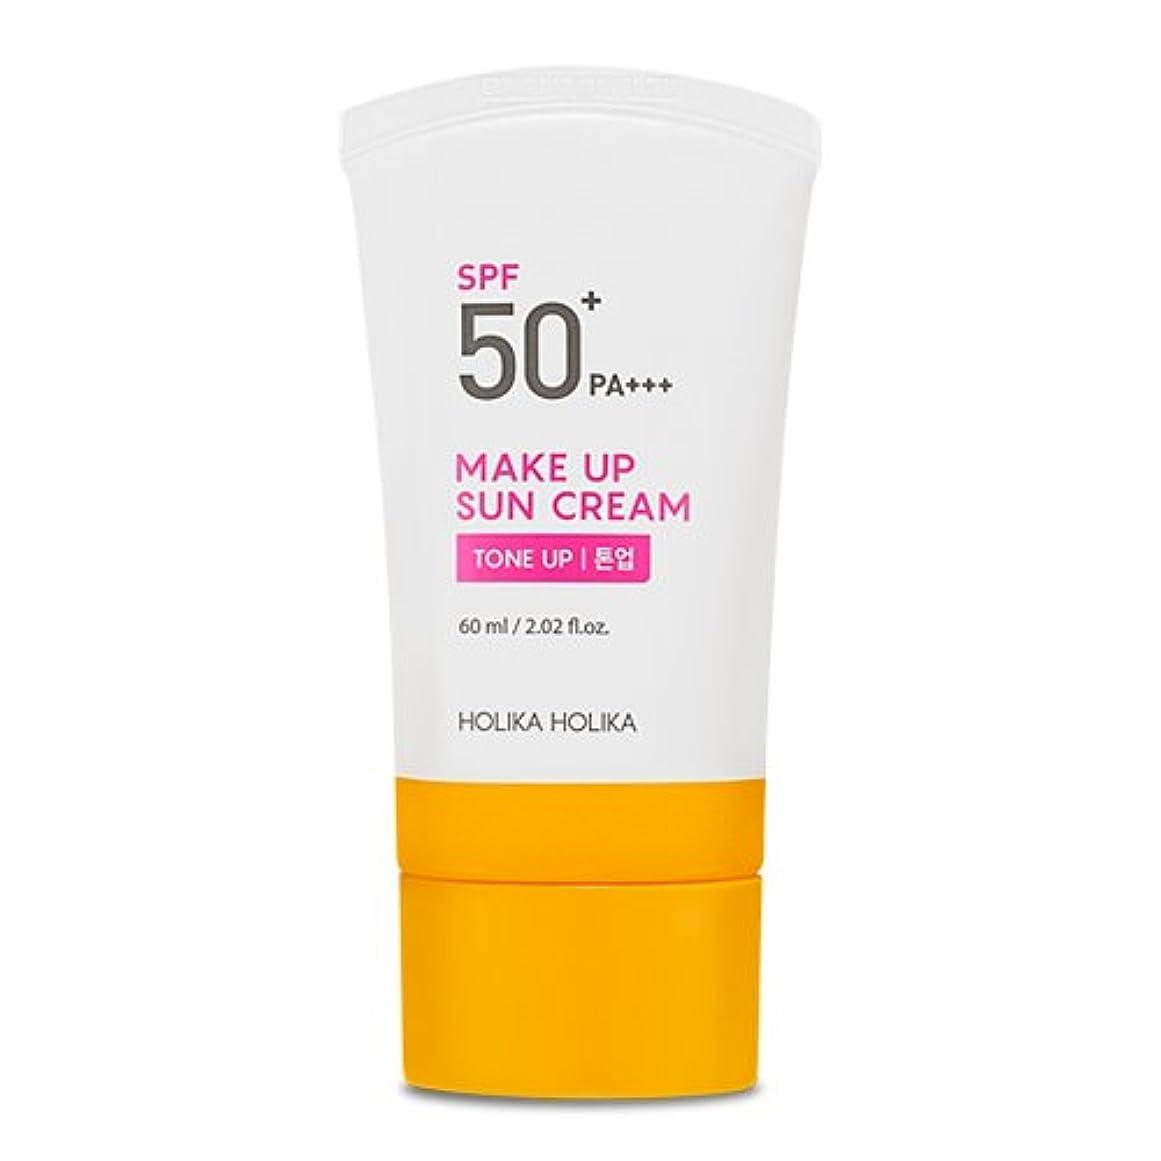 かすれた方言アイデア[2018]ホリカホリカ メイクアップ 日焼け止めクリーム/UVケア?Holika Holika Make Up Sun Cream SPF50+ PA+++ 60ml [並行輸入品]